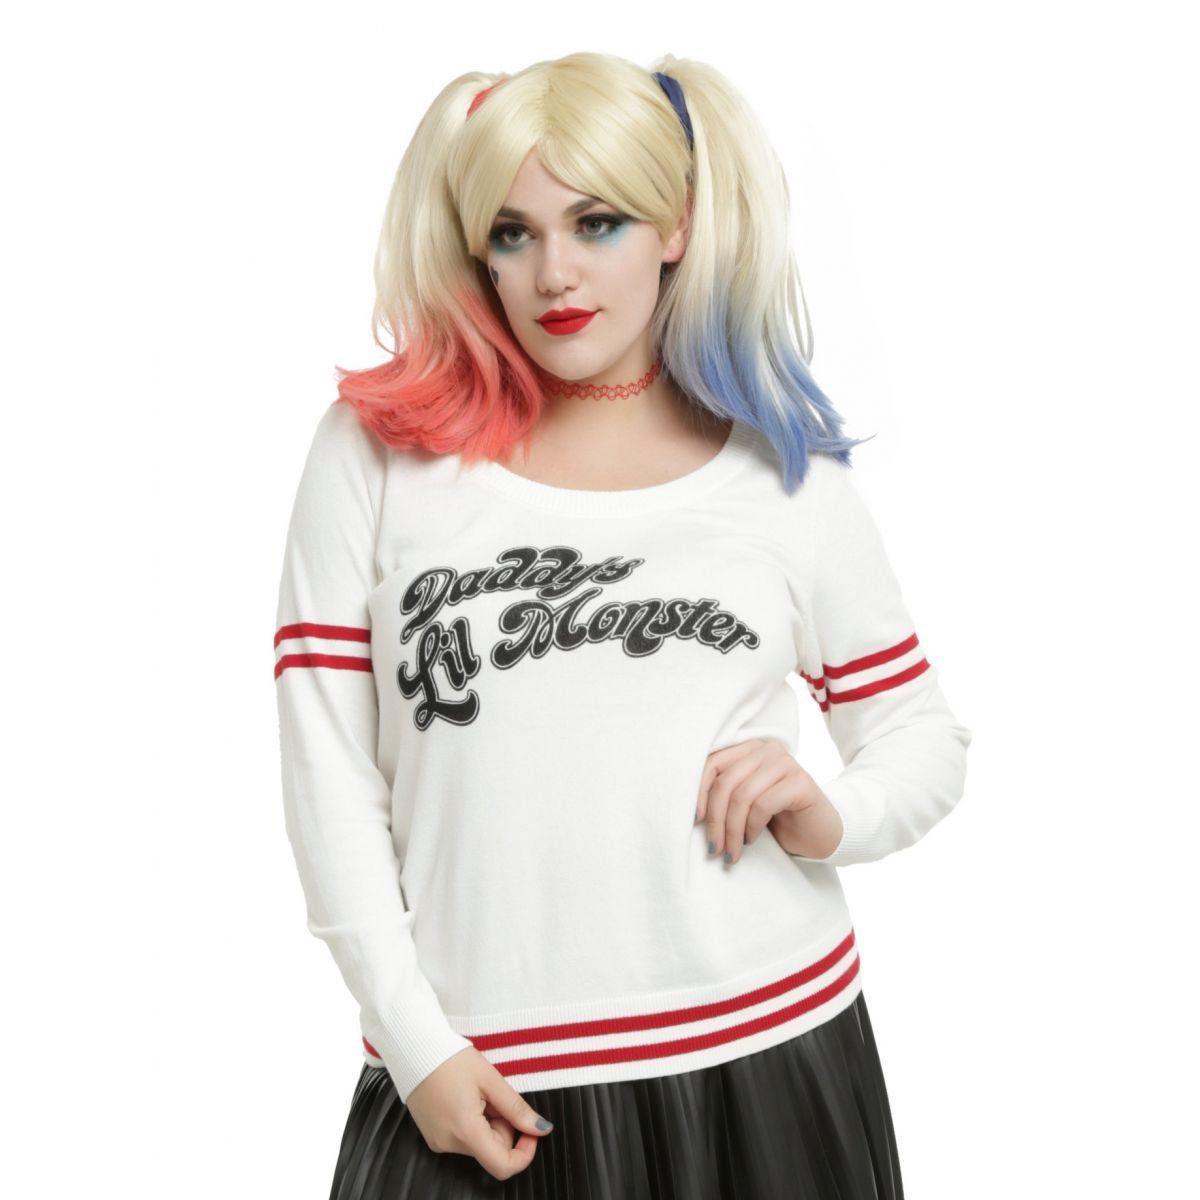 Blusa Harley Quinn - Thinkgeek